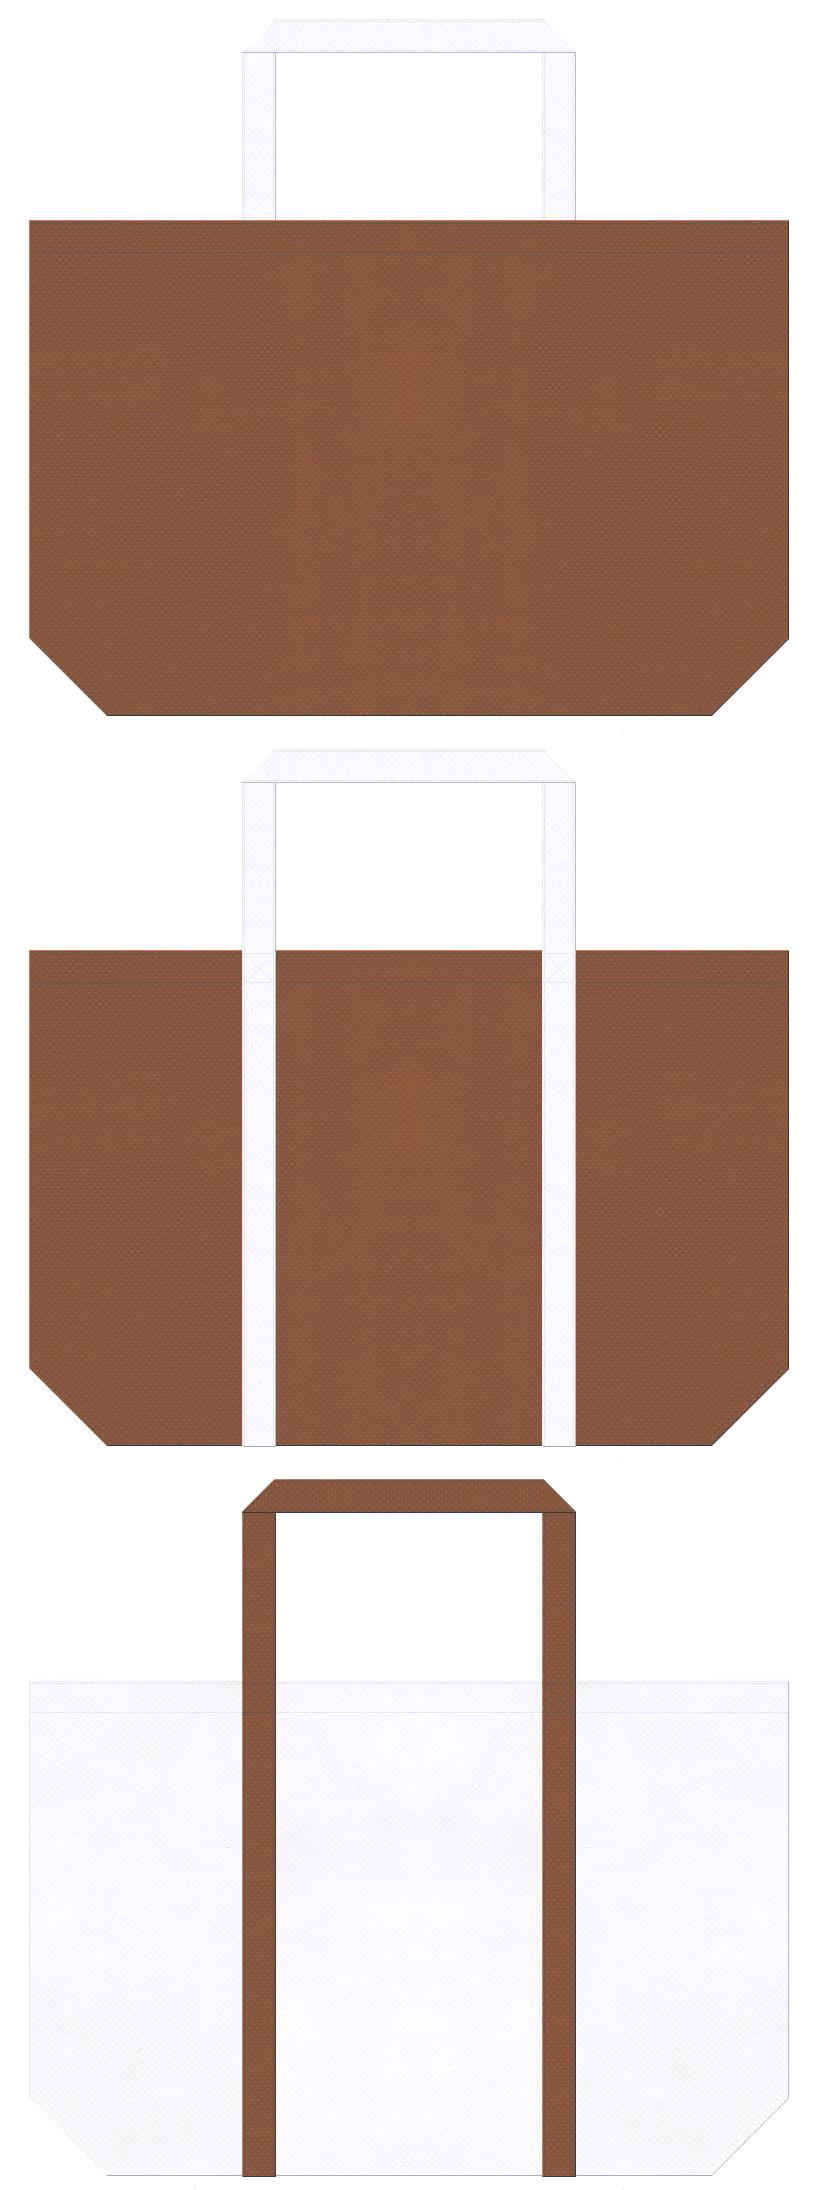 茶色と白色の不織布バッグデザイン。ココナッツのイメージで、ビーチ用品・日焼け止めのショッピングバッグにお奨めです。